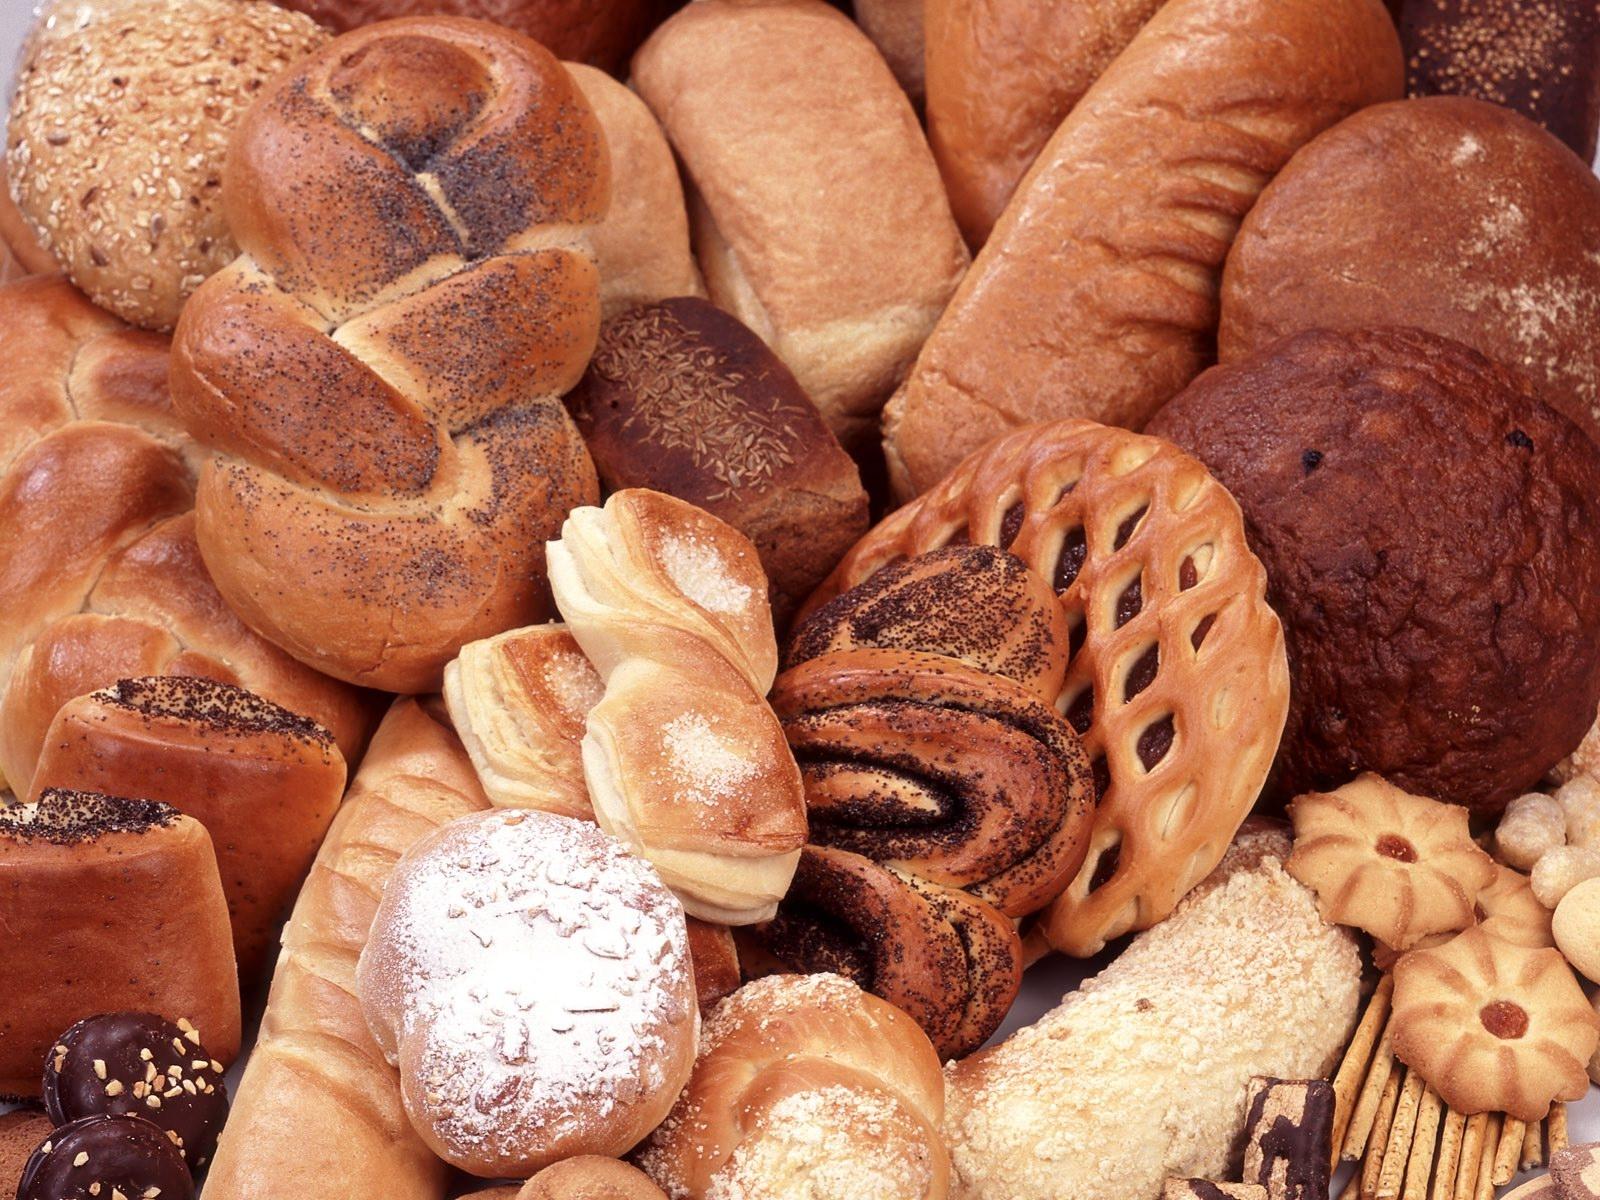 картинки хлеба и хлебобулочных изделий фото собака